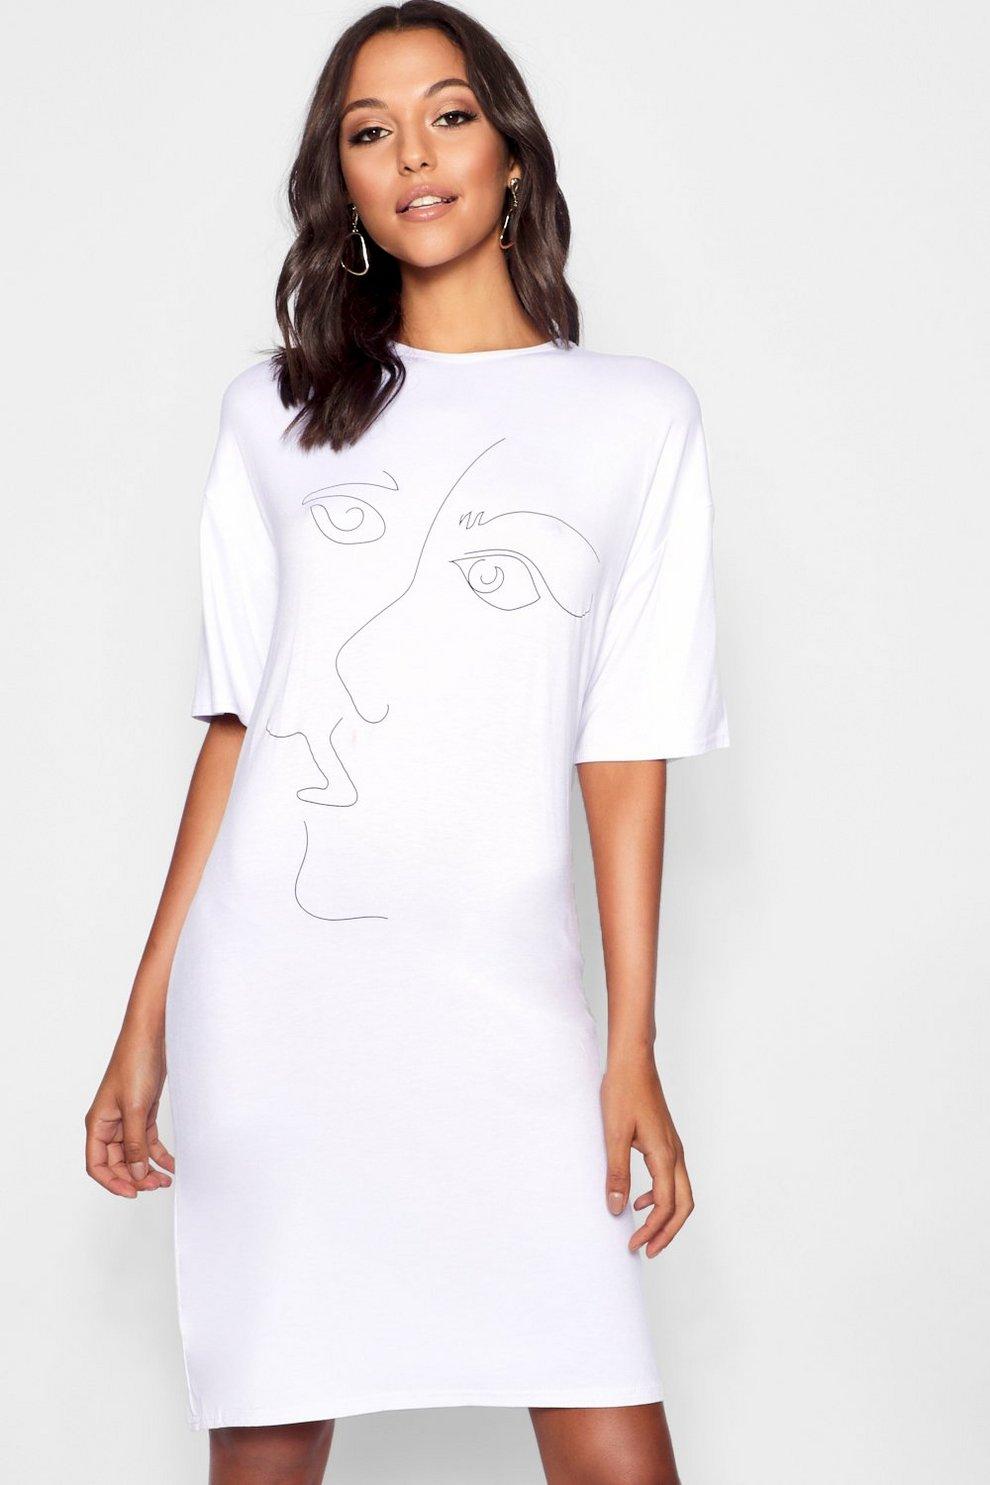 Abito A T Shirt Oversize Con Viso Stilizzato Boohoo